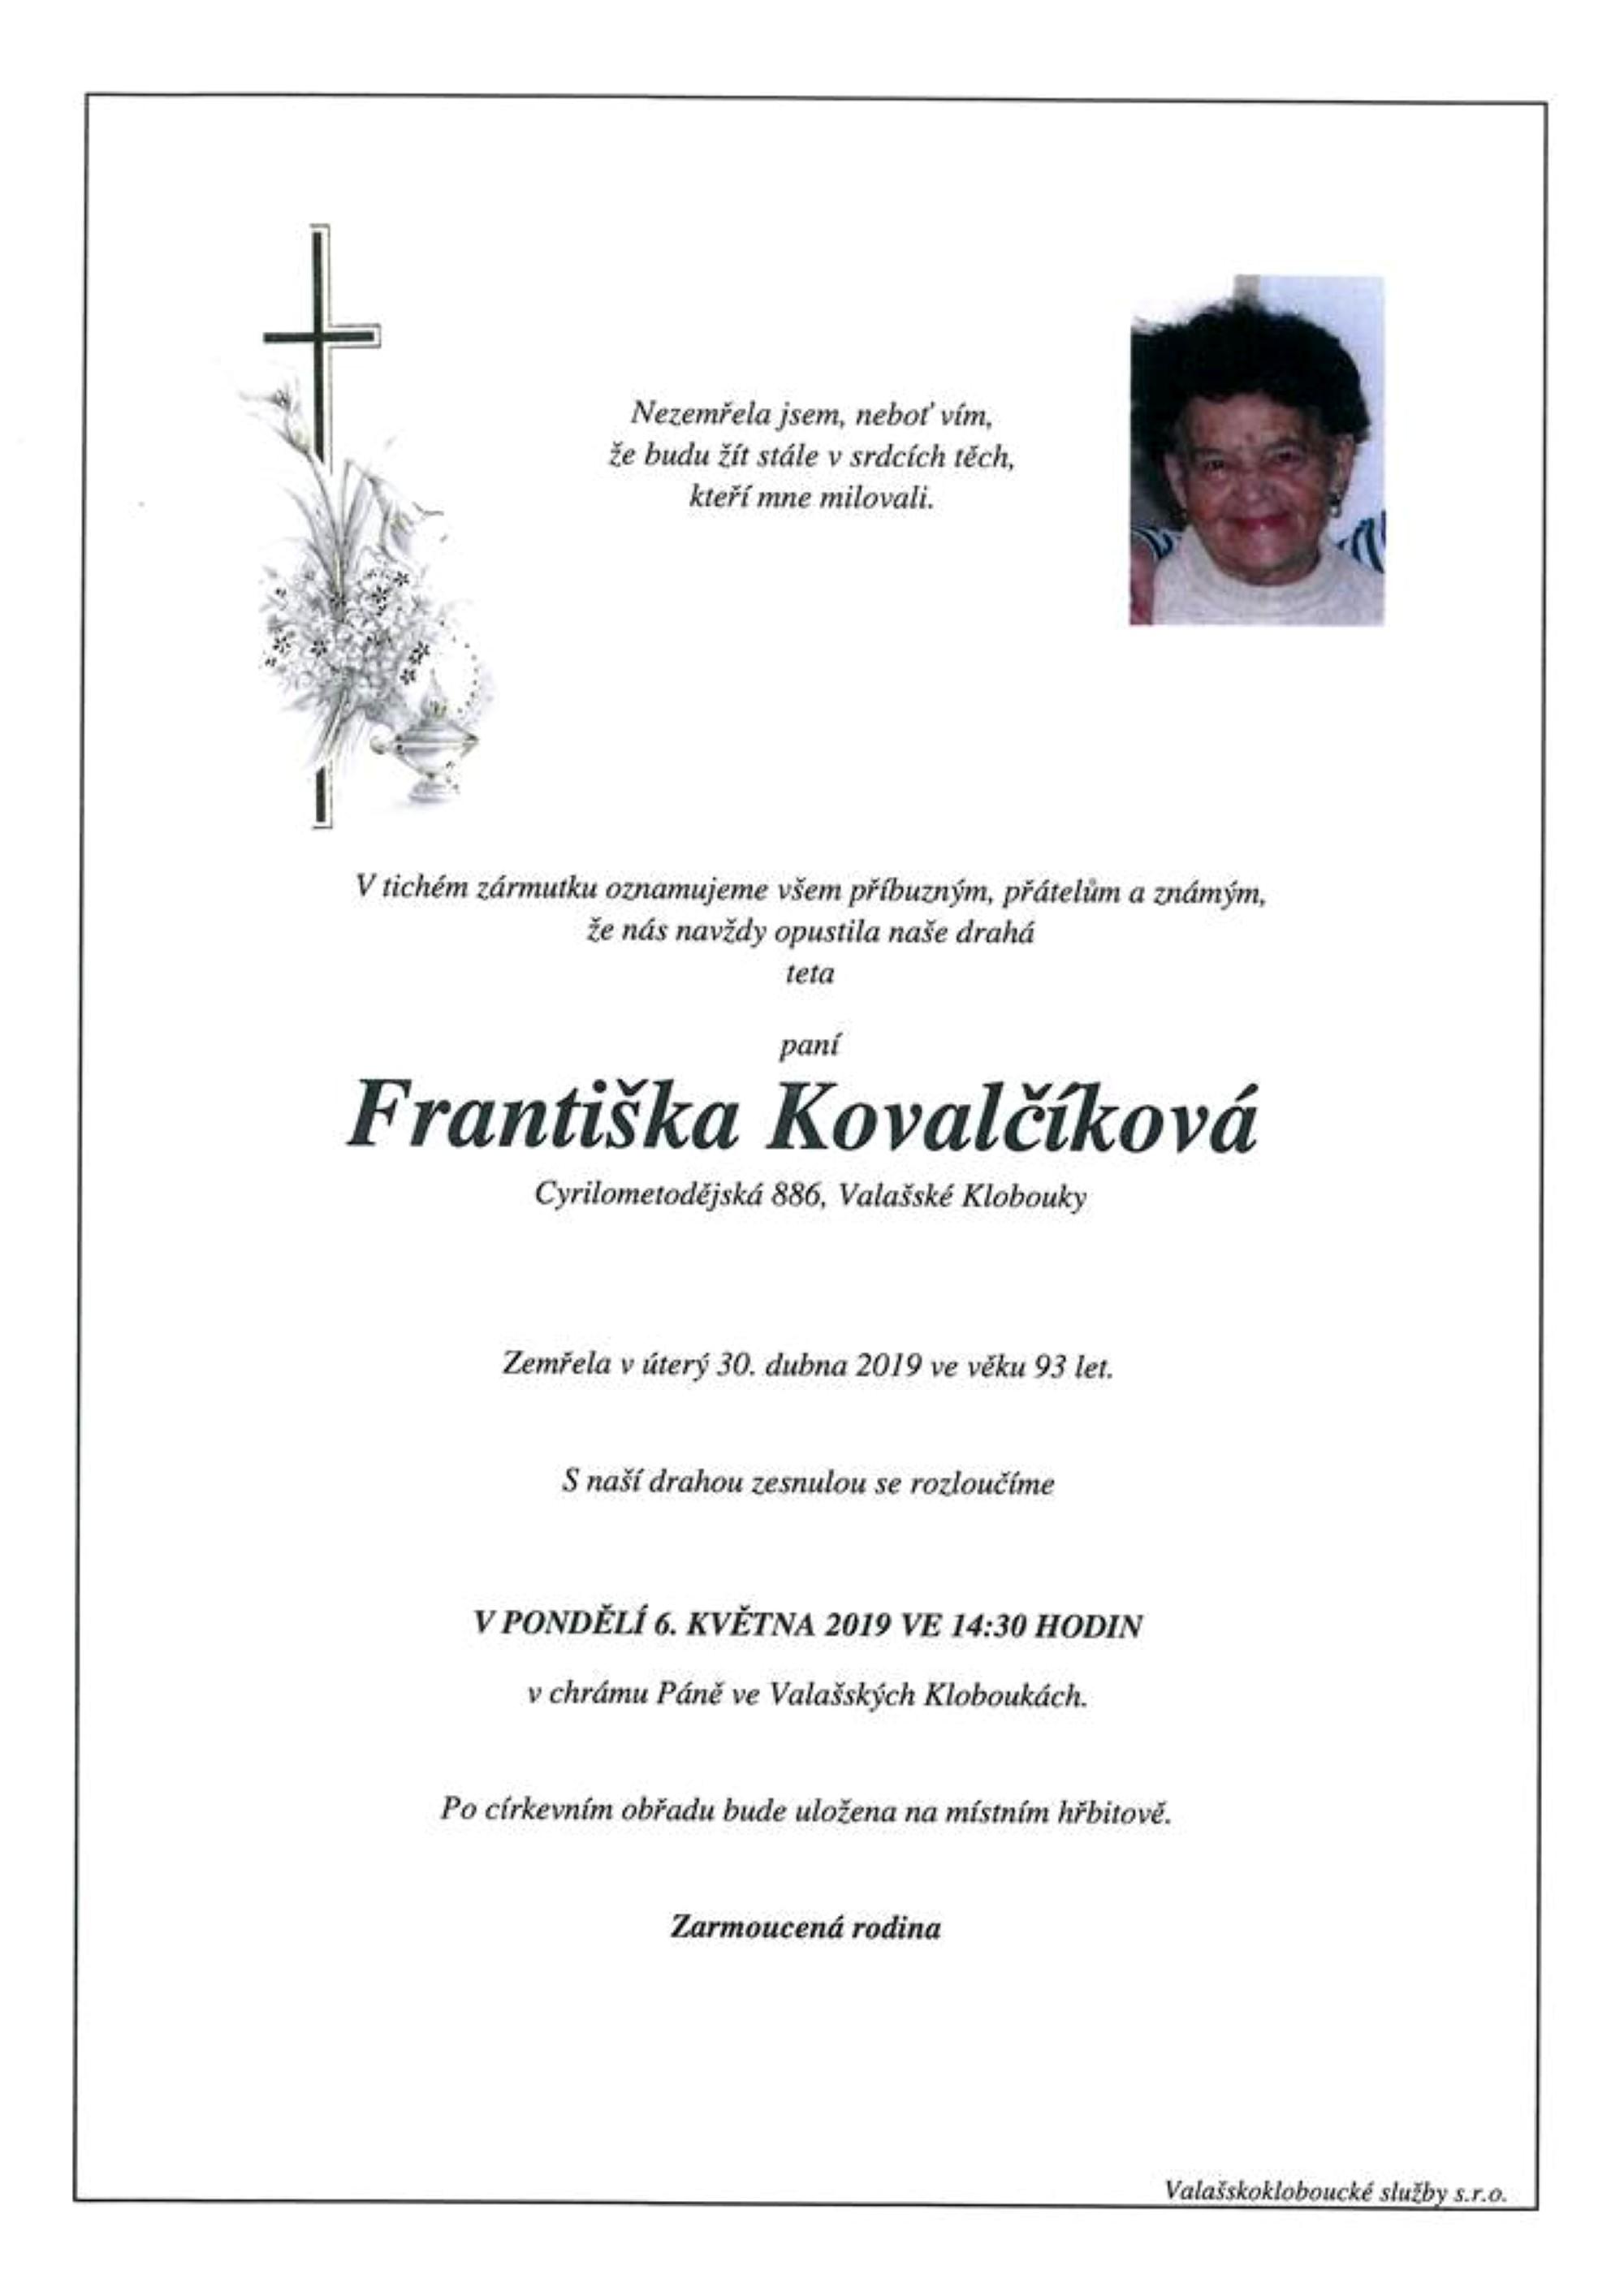 Františka Kovalčíková